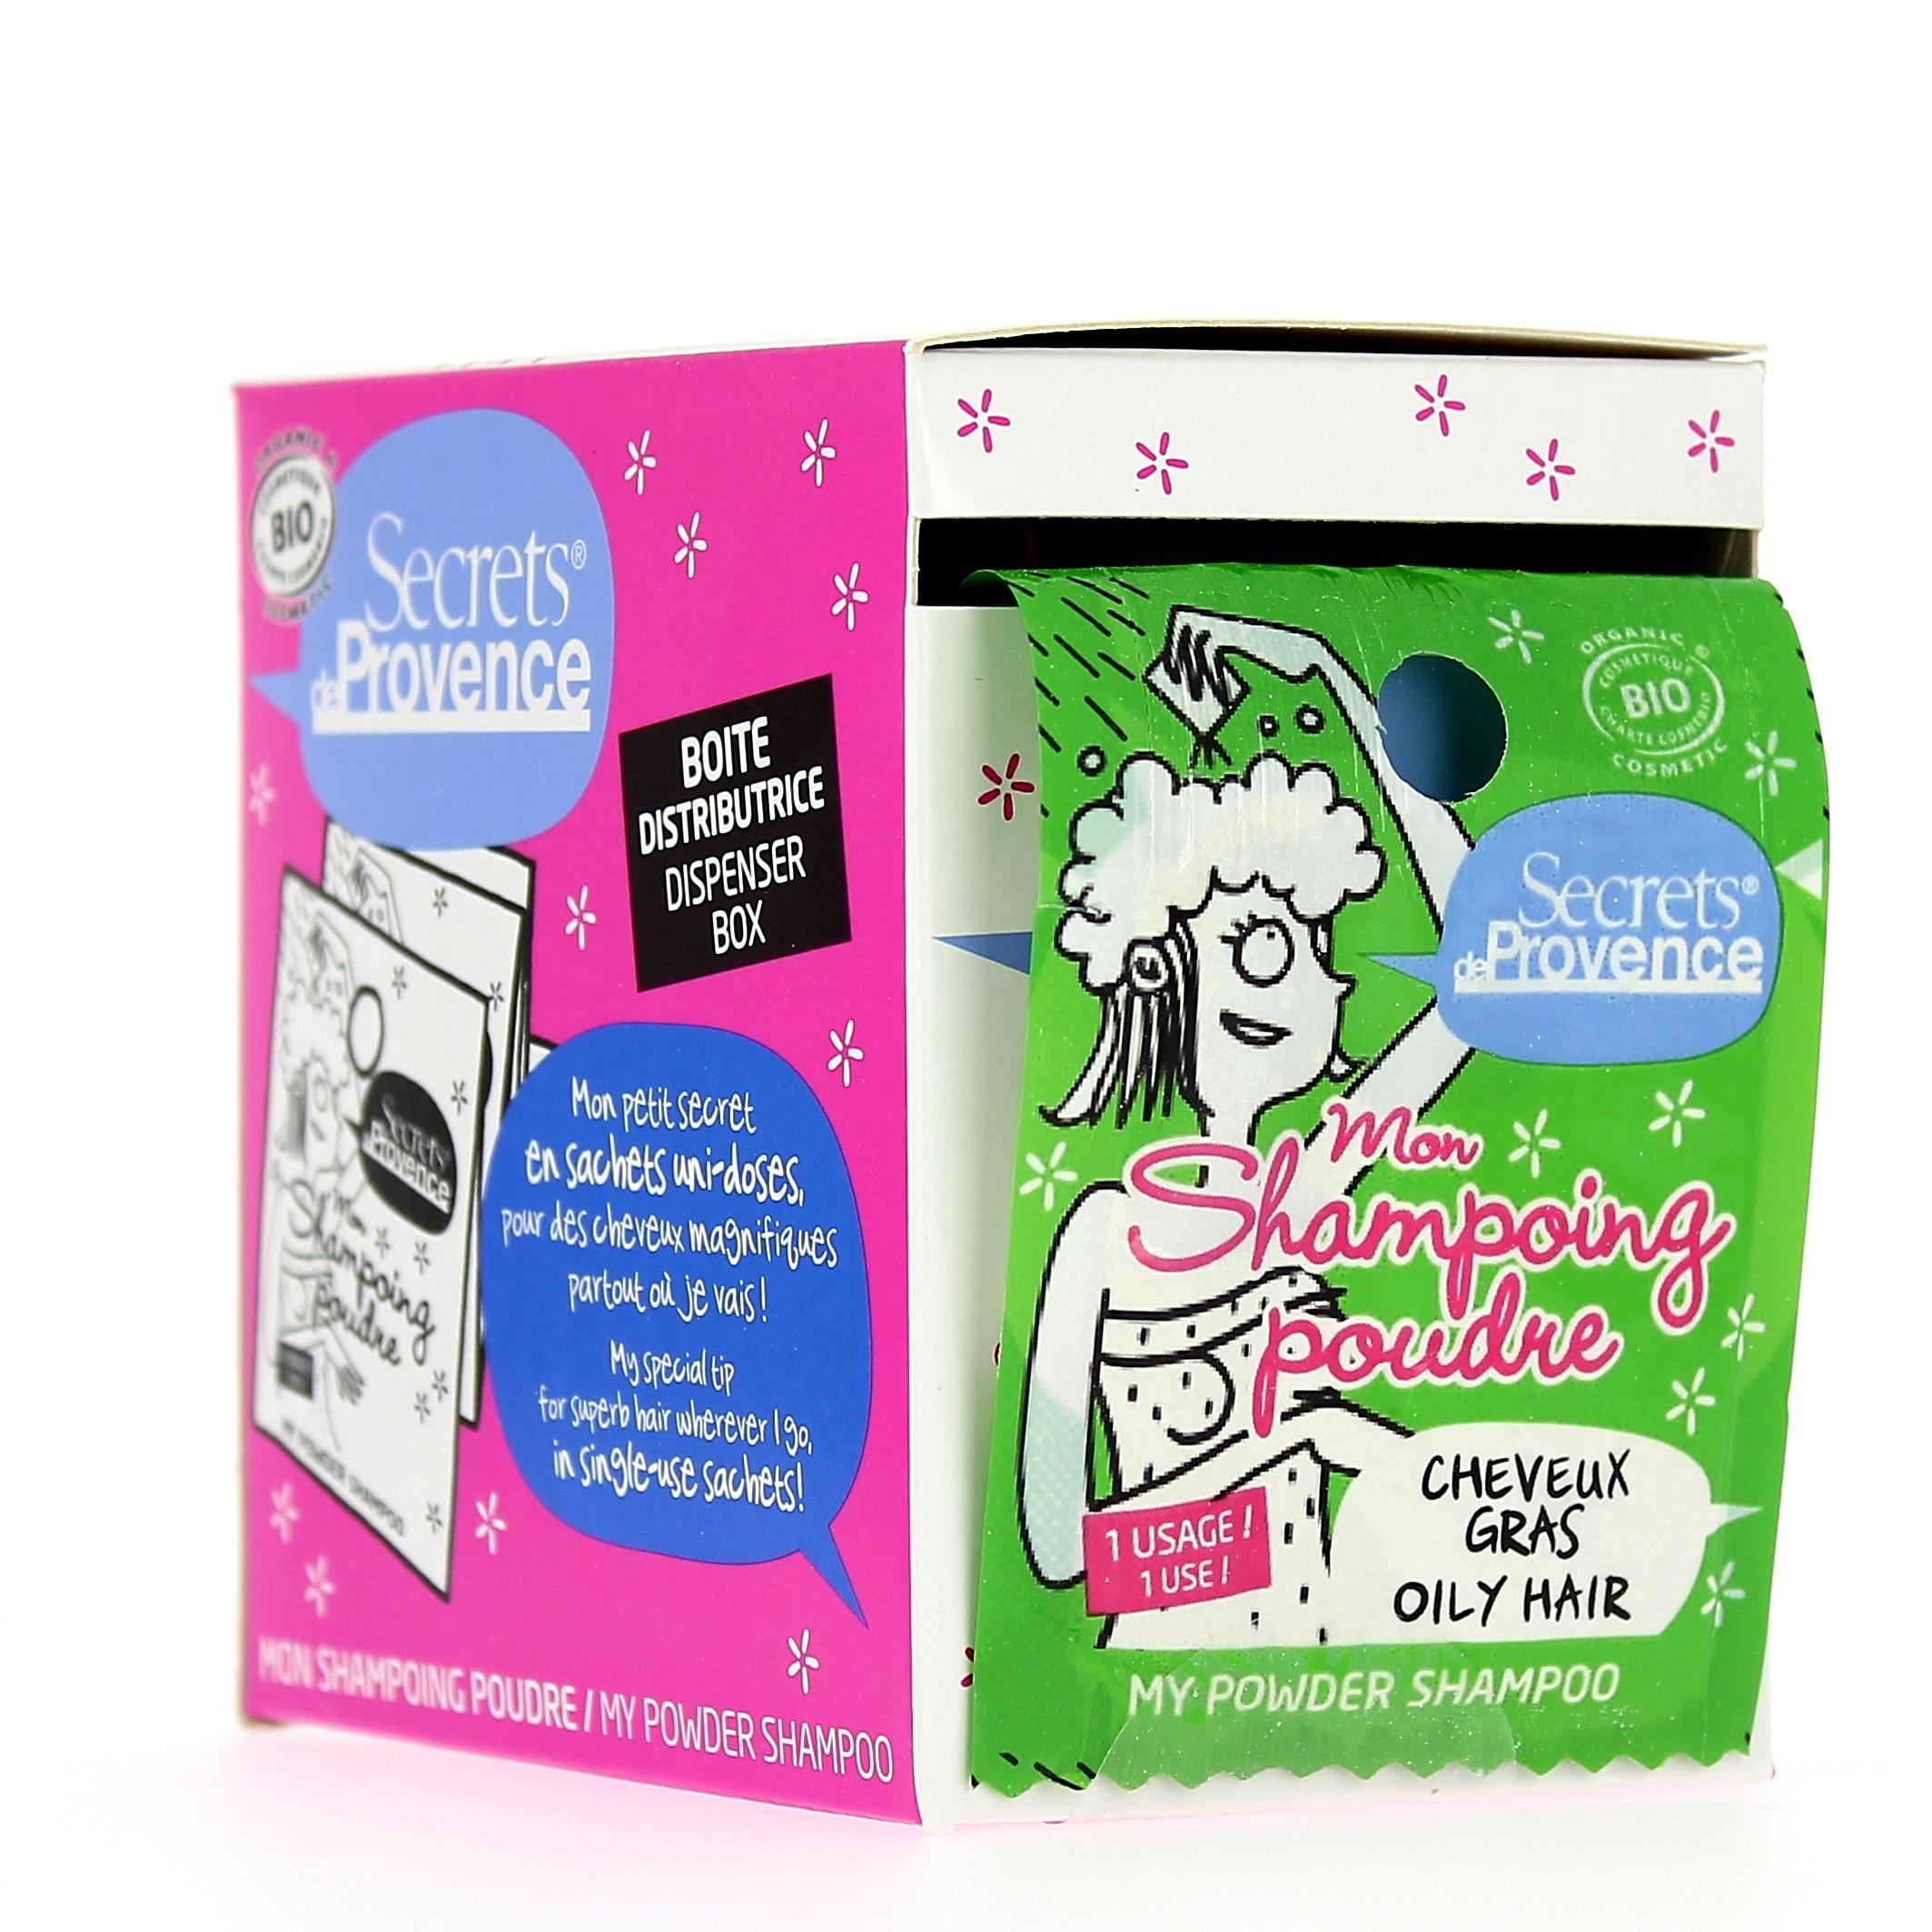 Doux Good - Secrets de Provence - Shampoing en poudre - cheveux gras - 12 sachets uni-doses